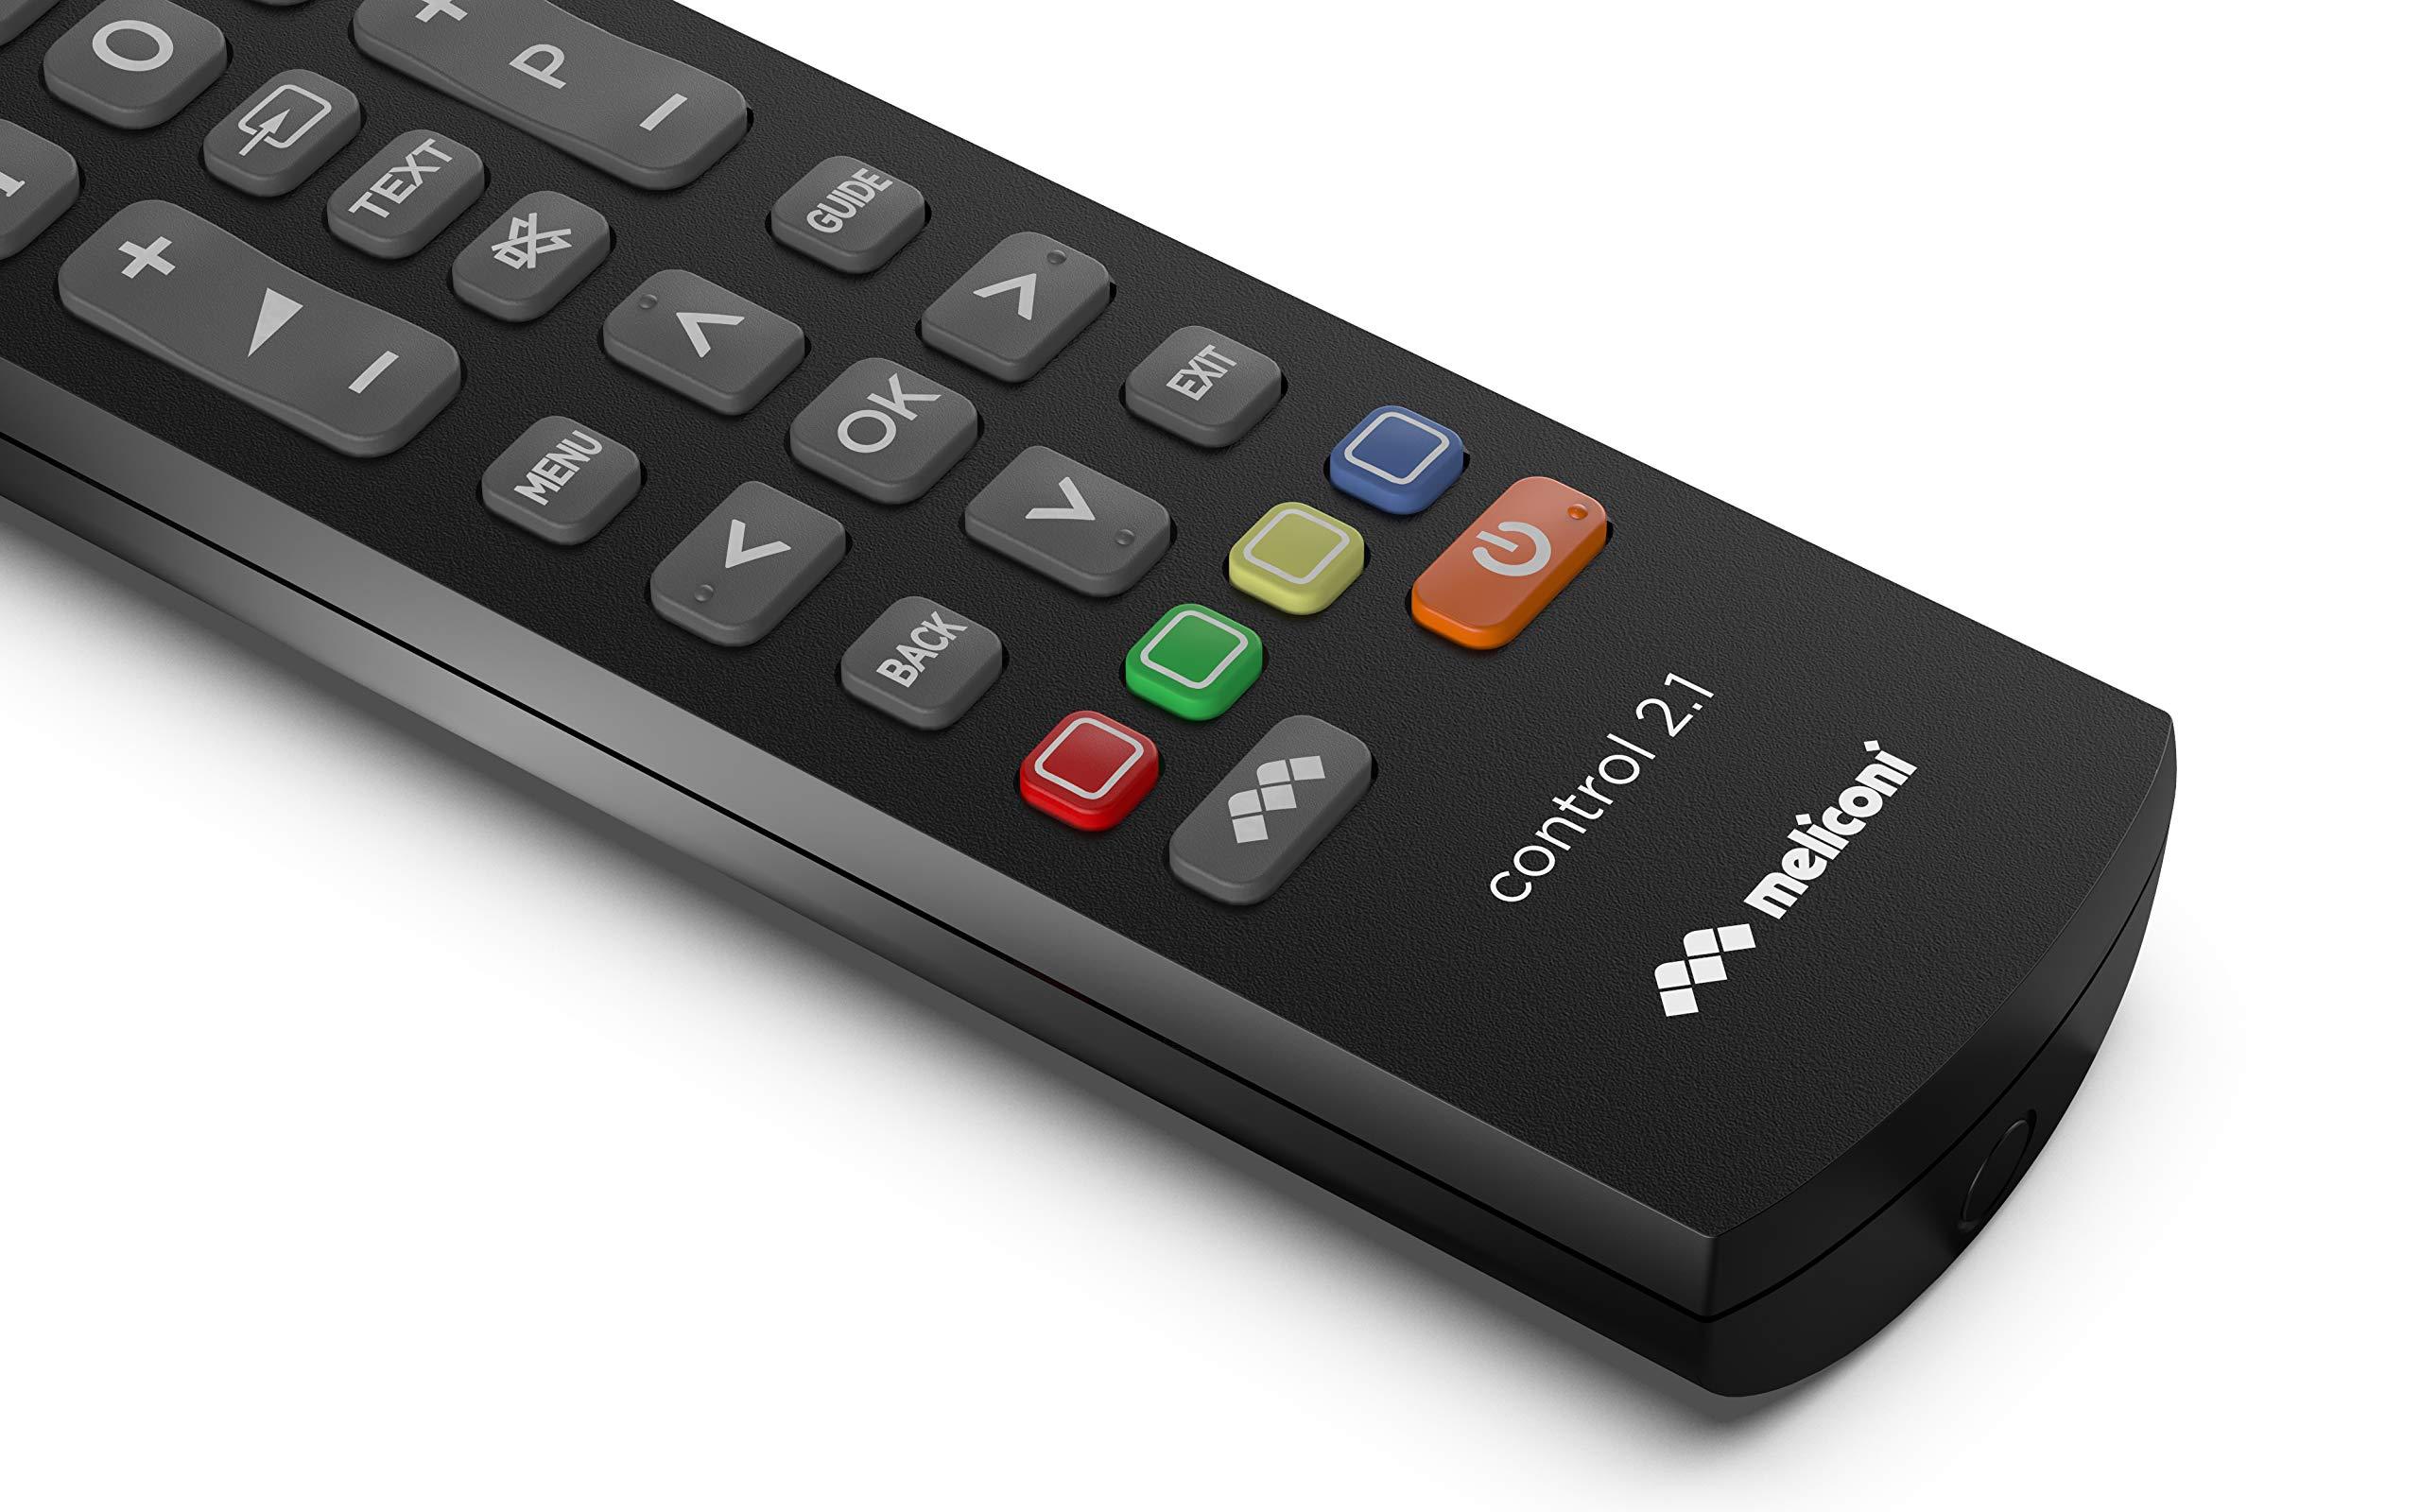 Meliconi Control 2.1 - Mando a Distancia (STB,TV, IR inalámbrico, Botones, Negro): Amazon.es: Electrónica